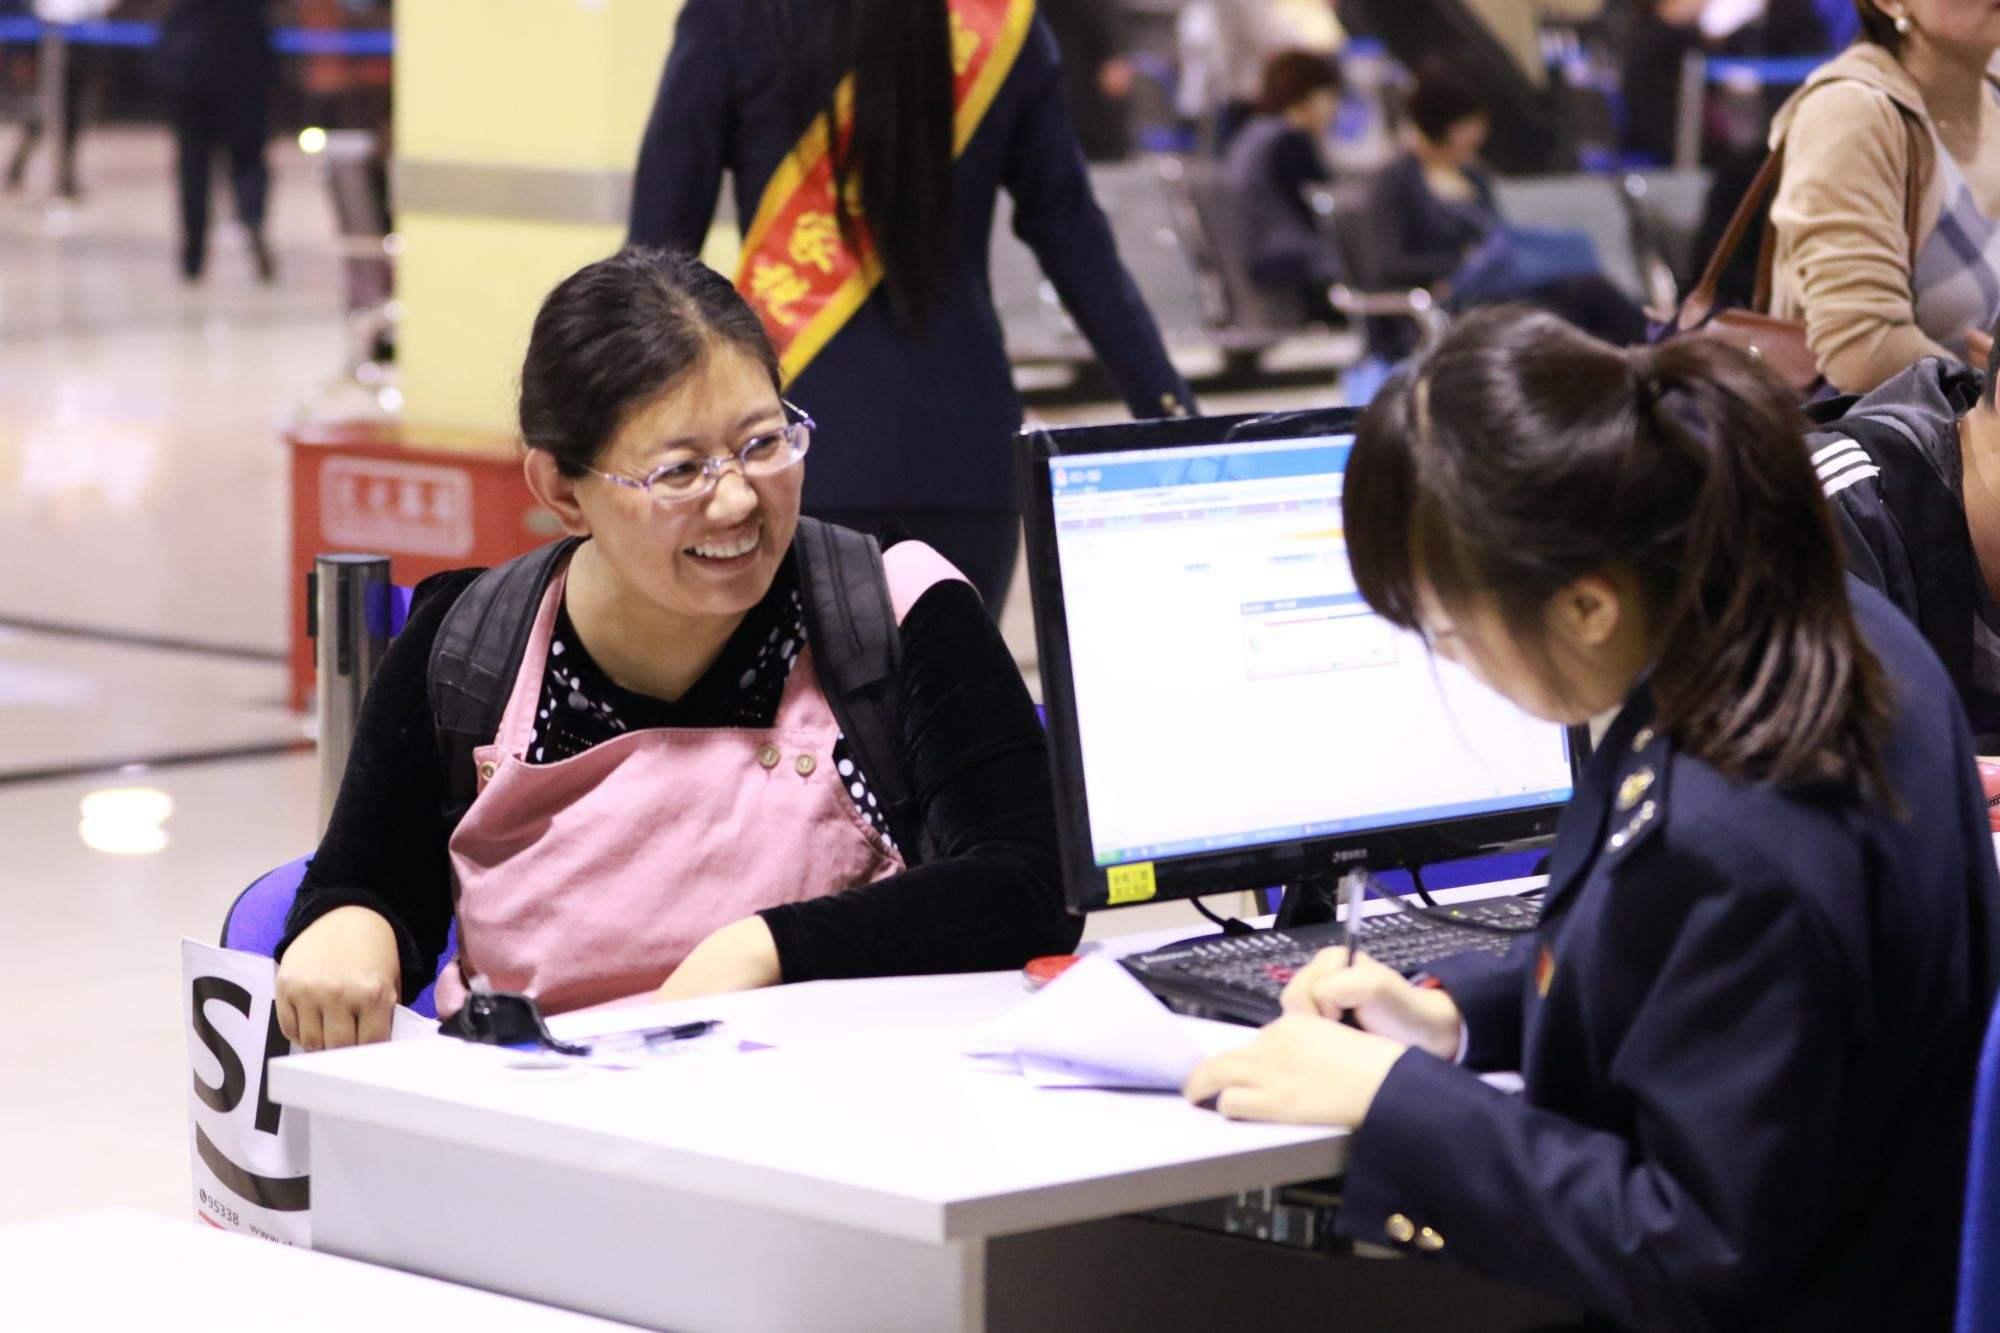 กลยุทธ์ขยายฐานภาษีของประเทศจีนด้วย 'หวยขูด' ที่ออกโดยรัฐบาล